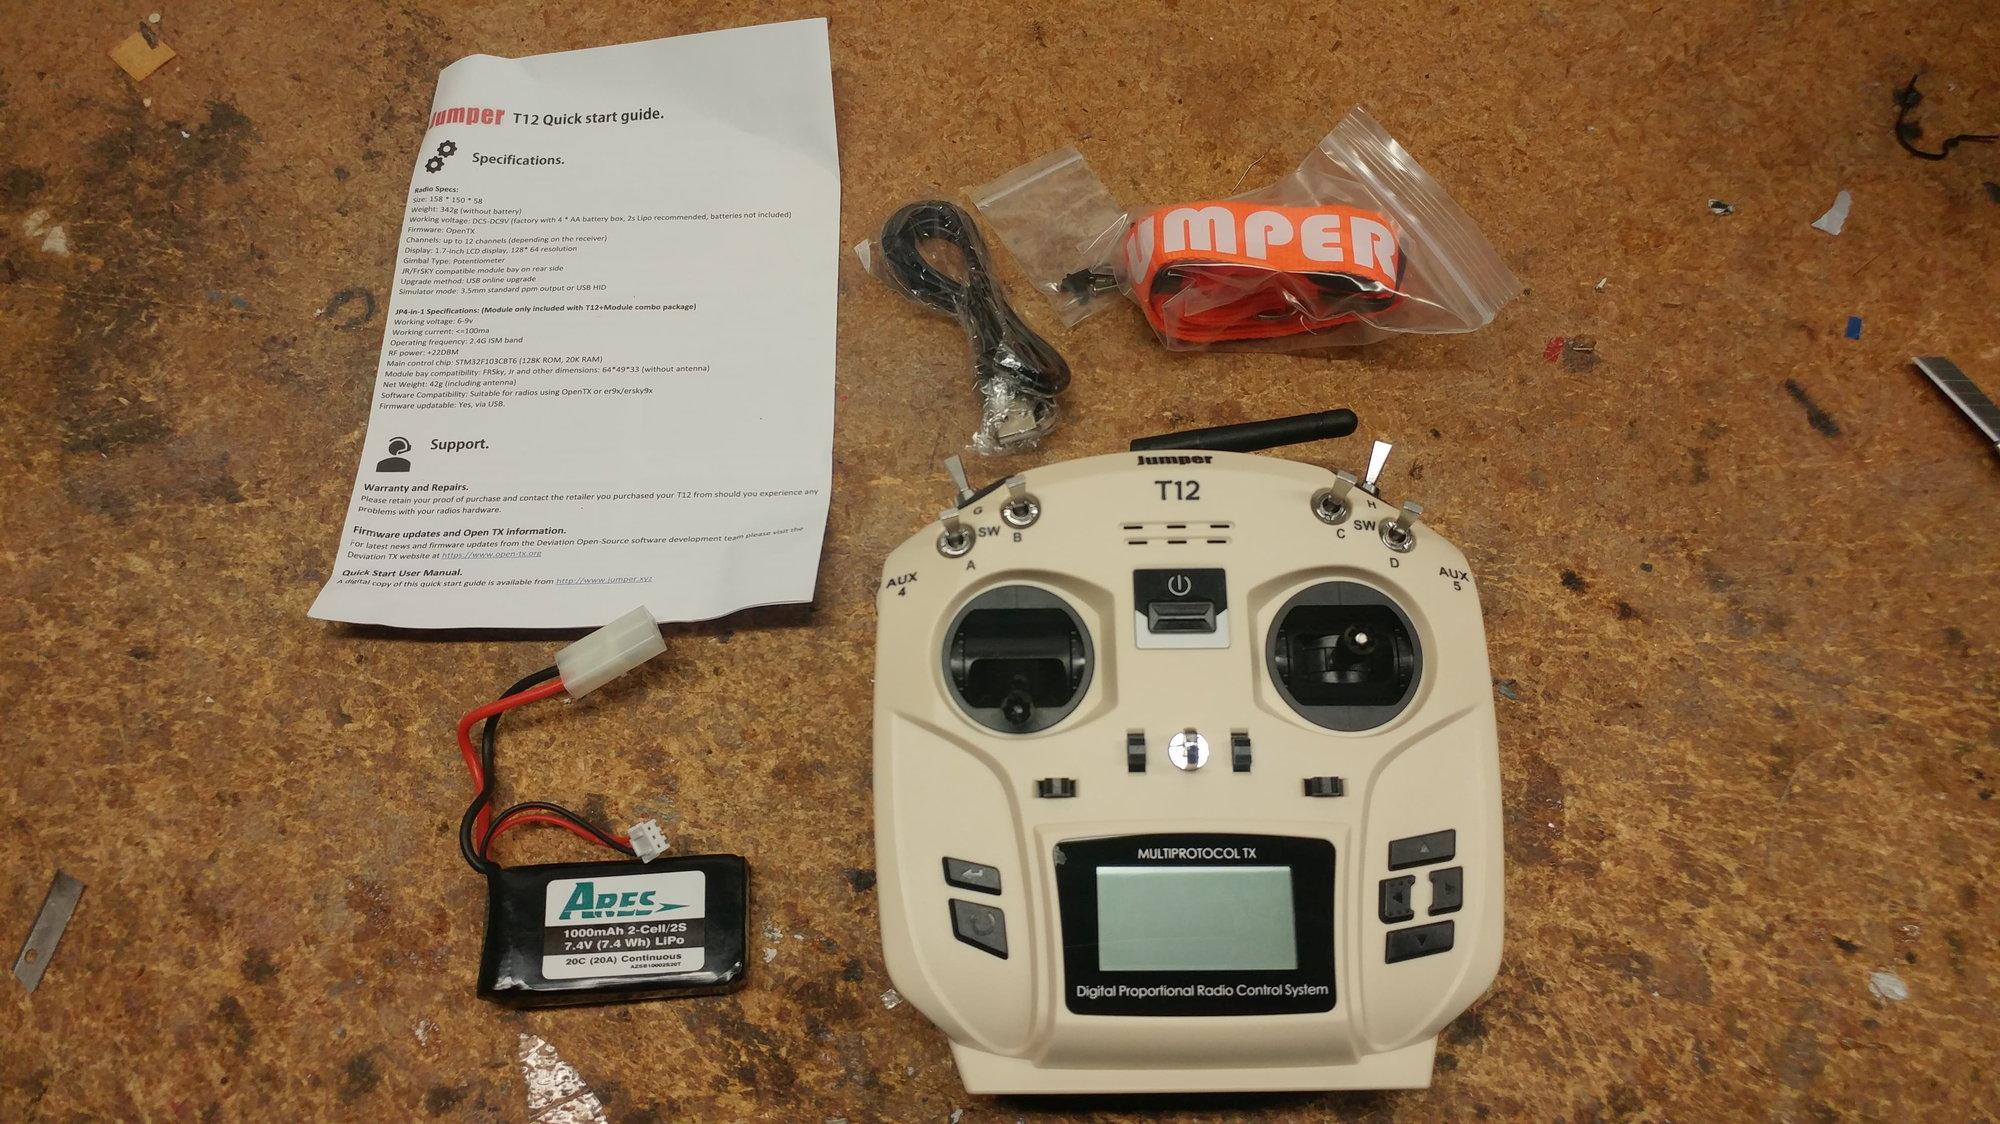 NIB Jumper T12 Transmitter - RCU Forums